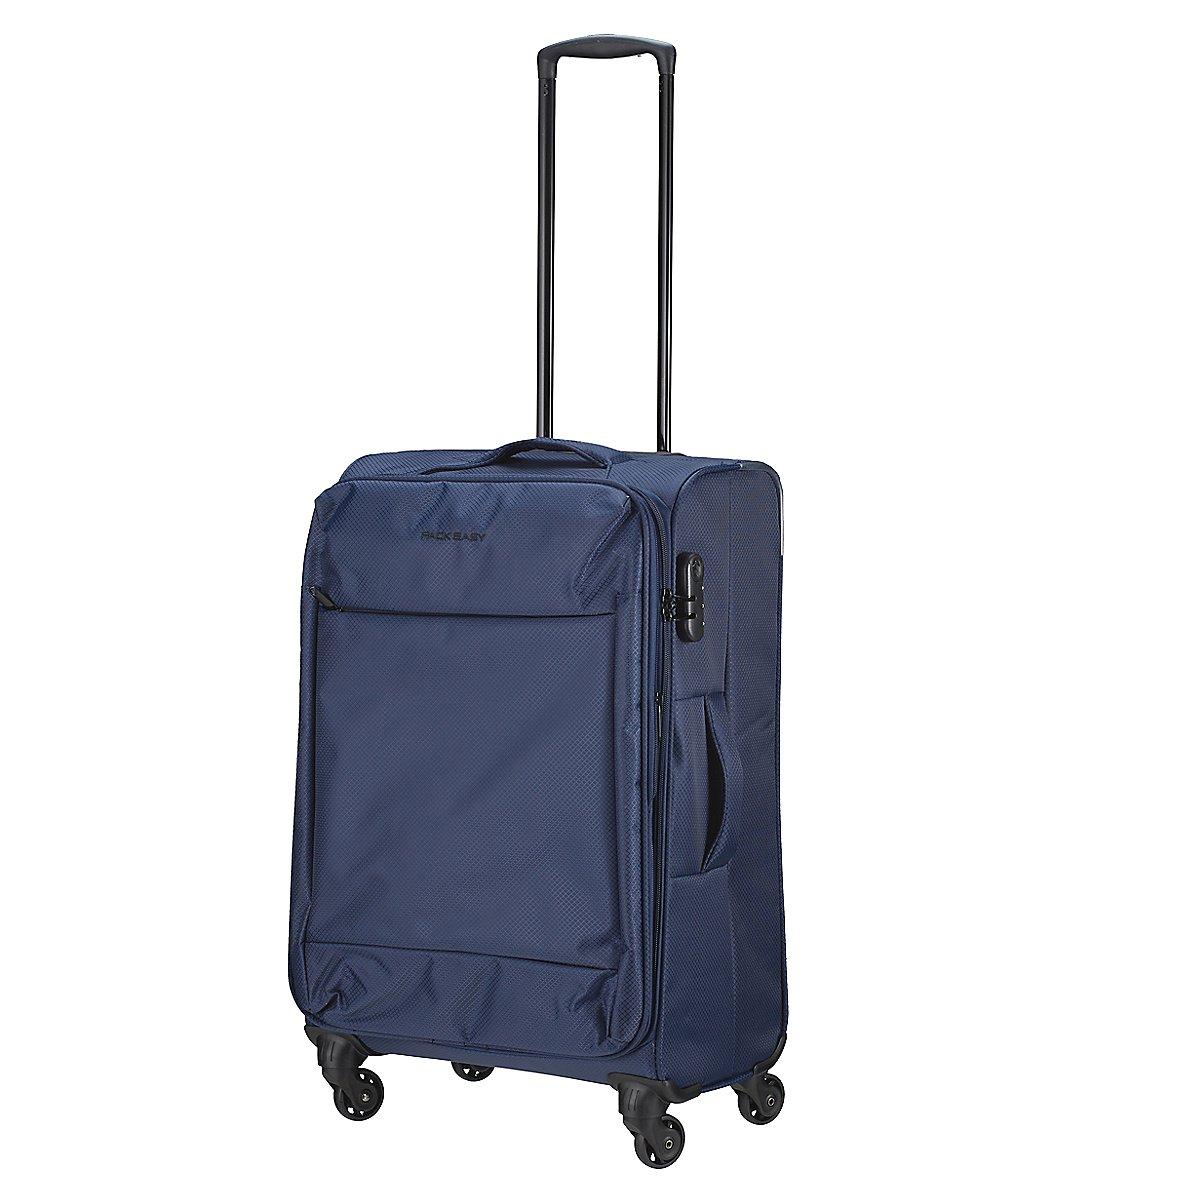 pack easy eros 4 rollen trolley 65 cm koffer. Black Bedroom Furniture Sets. Home Design Ideas